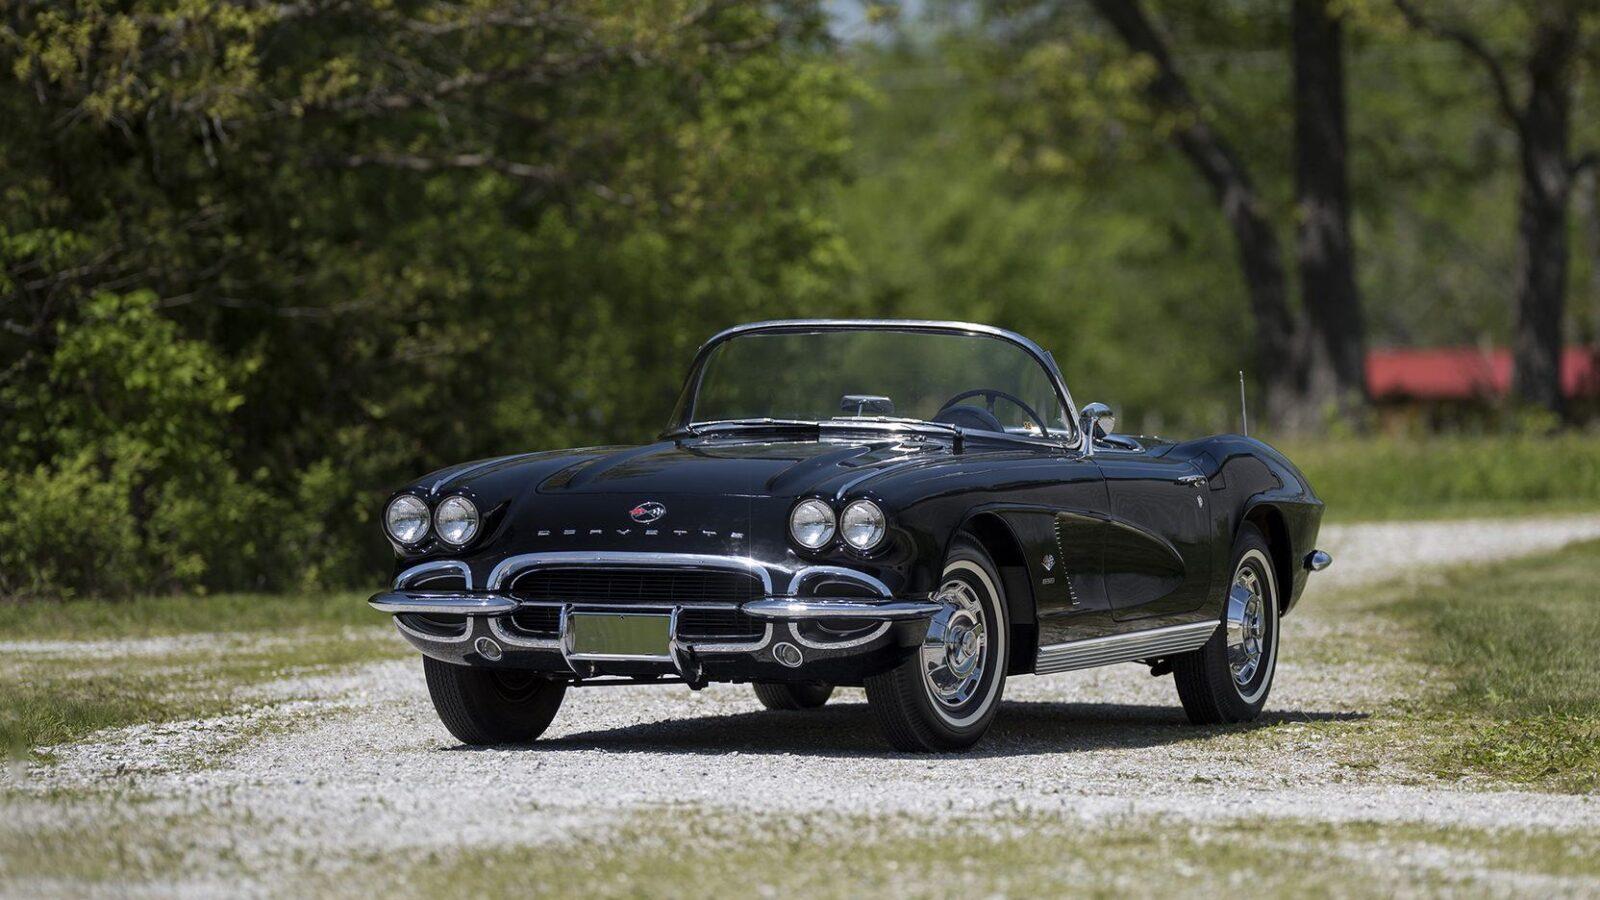 chevrolet corvette 4 1600x900 - 1962 Chevrolet Corvette - 327 Cubic Inch